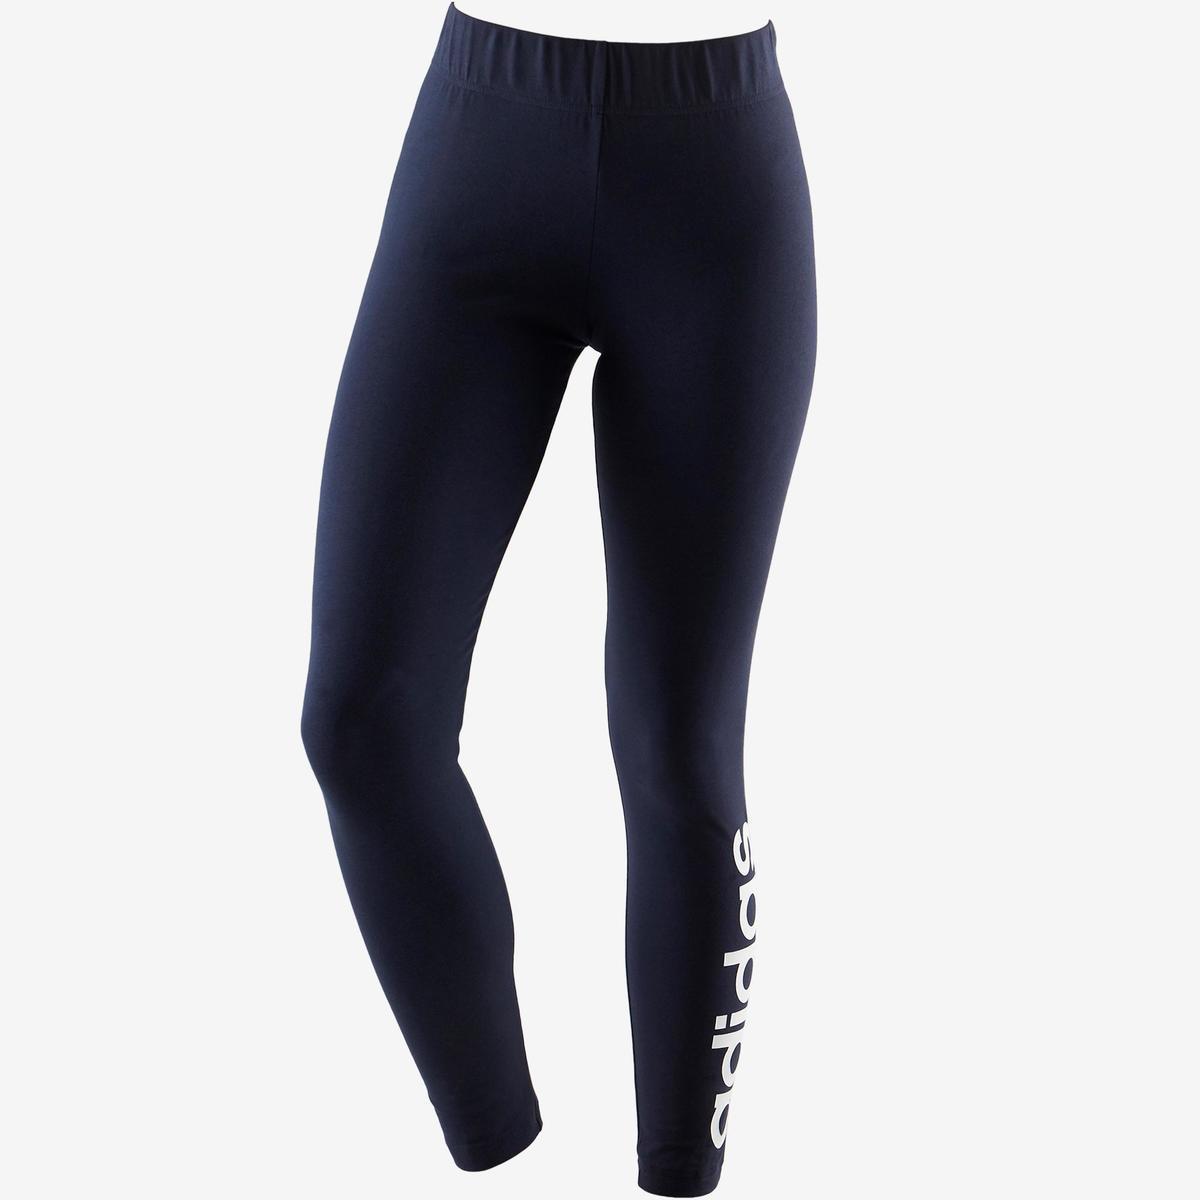 Bild 2 von Leggings Linear 500 Gym Damen weiß/blau